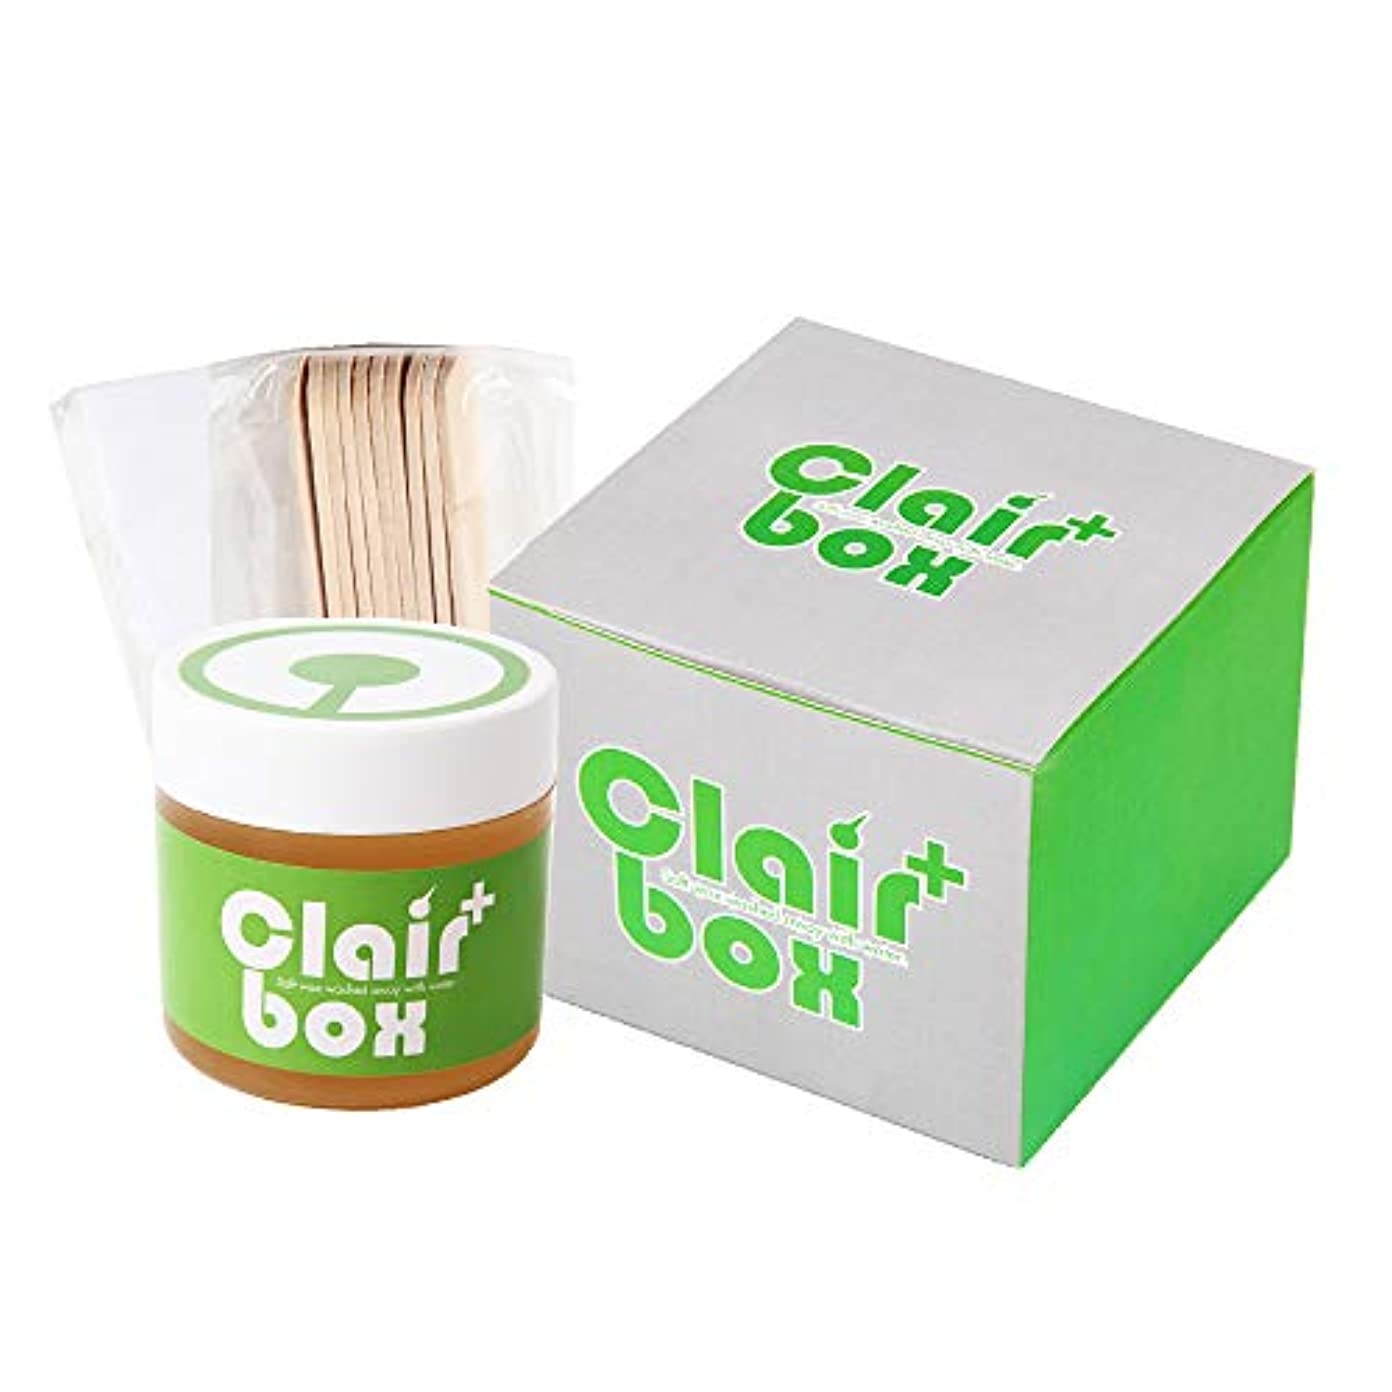 相対性理論計り知れない枕ブラジリアンワックス【送料無料】★Clair BOX SET 脱毛 【取扱説明書付】大人気のclairシリーズがBOXになってお求めやすくなりました?